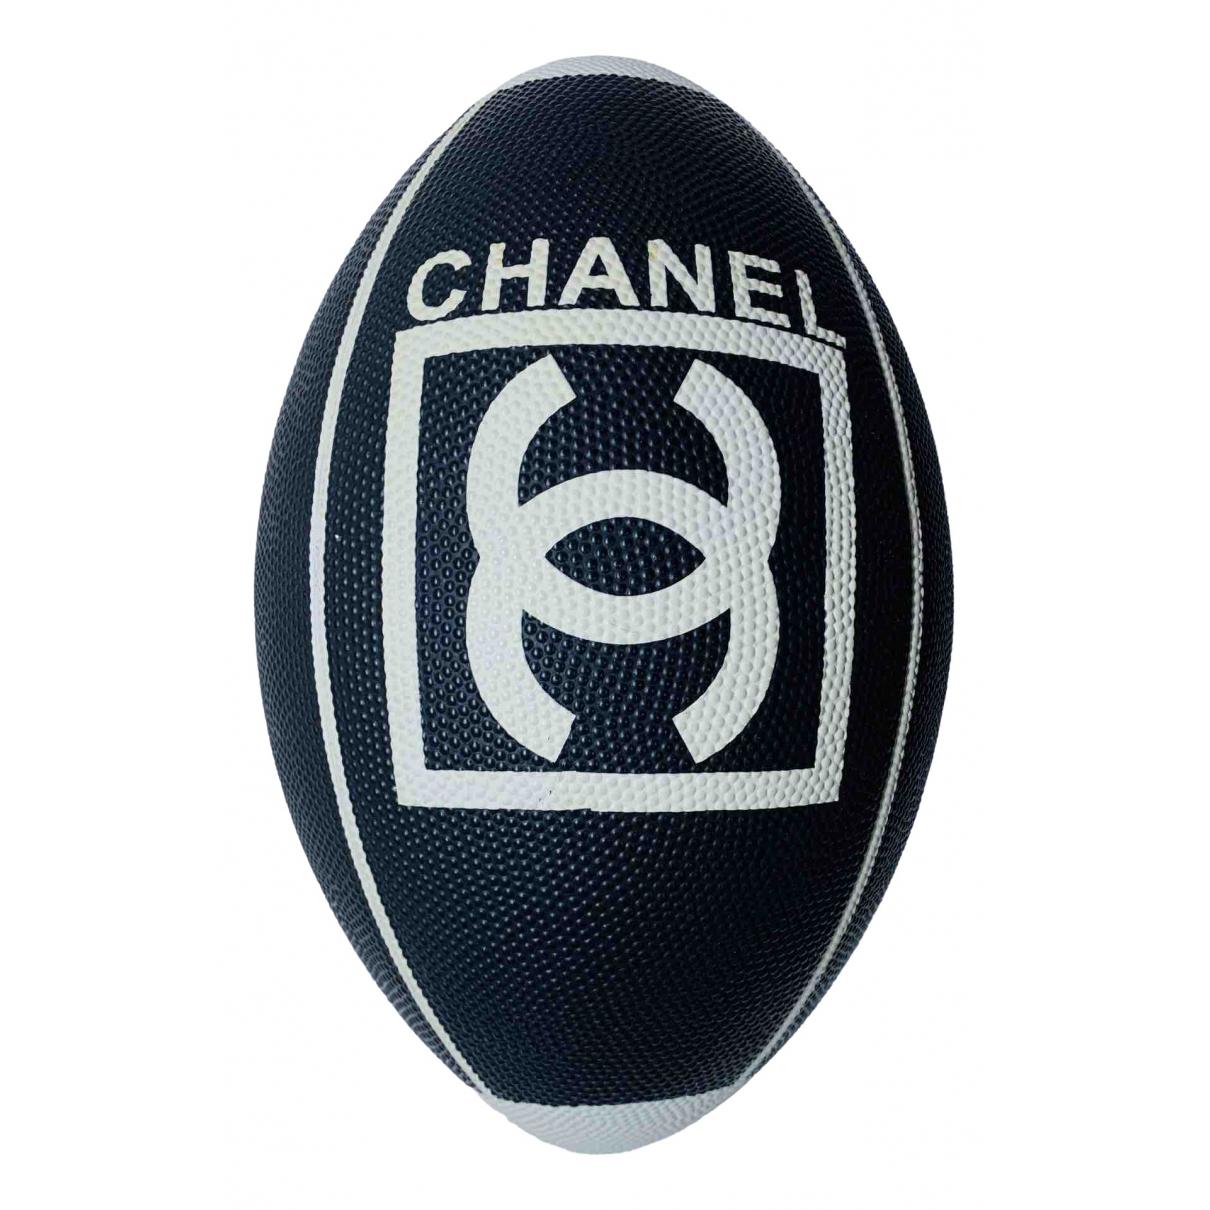 Chanel - Ballons   pour lifestyle en cuir - noir